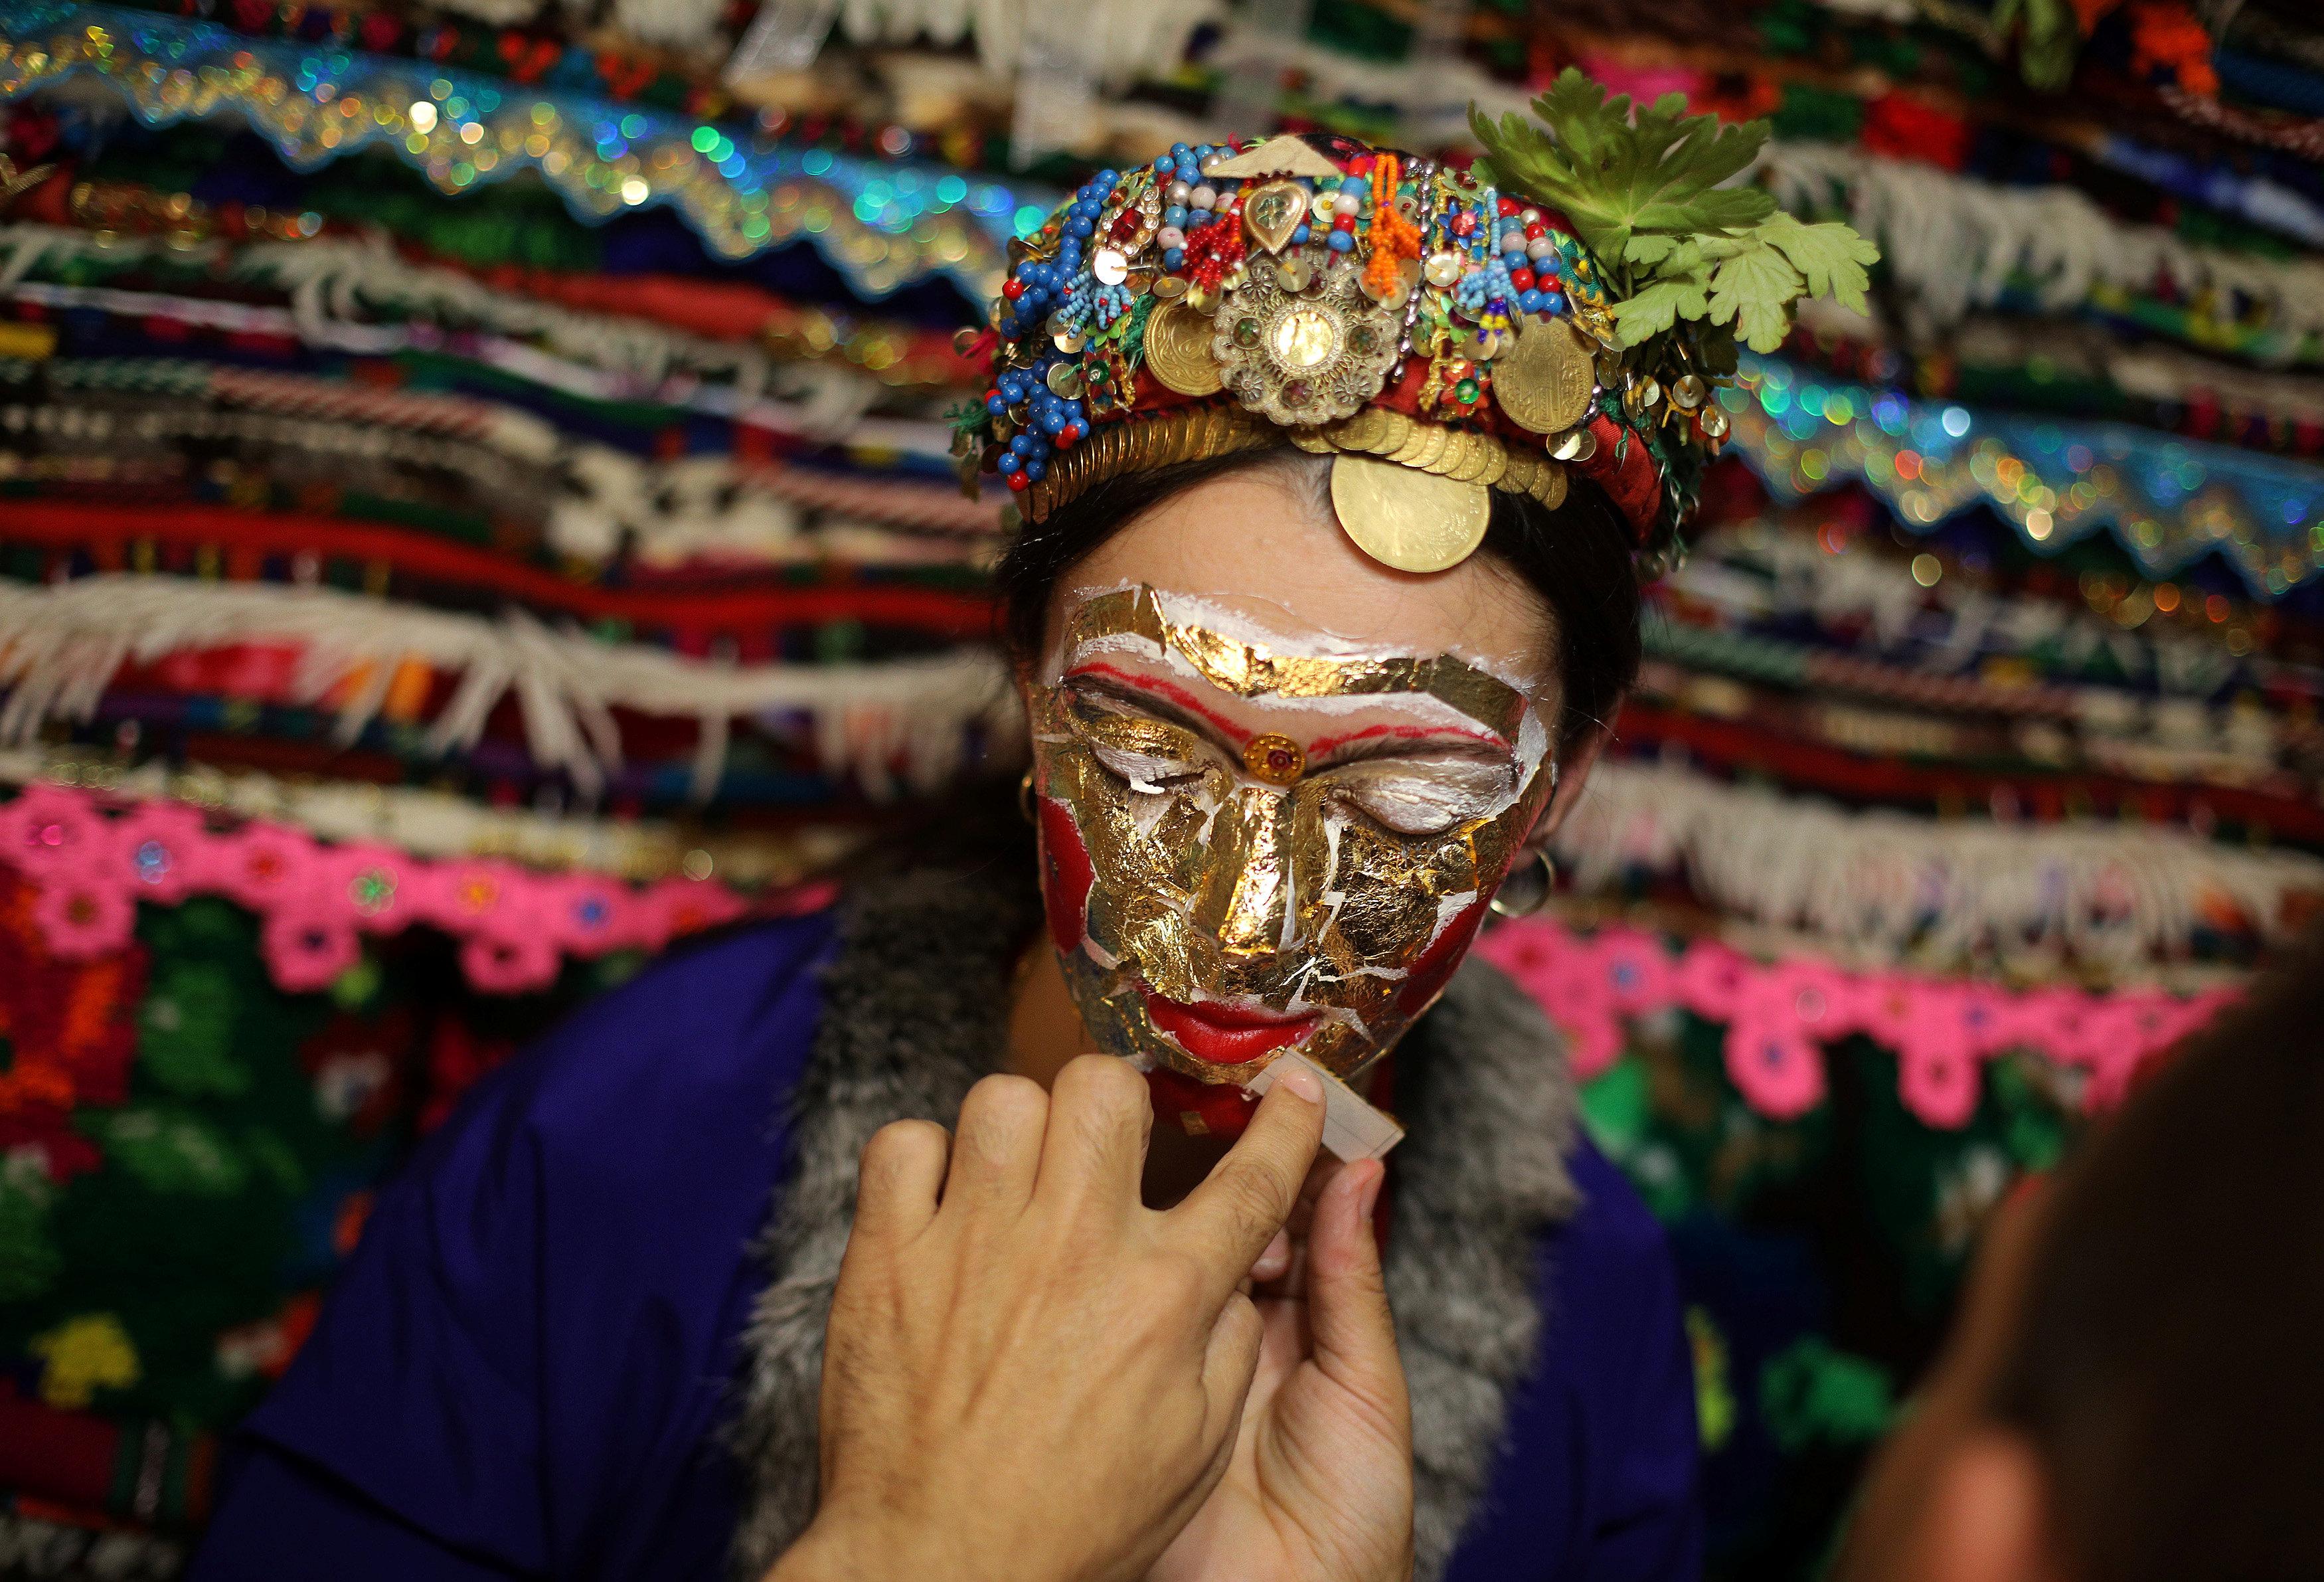 عروس بلغارية مسلمة تزين وجهها بالترتر والذهب فى حفل زفافها